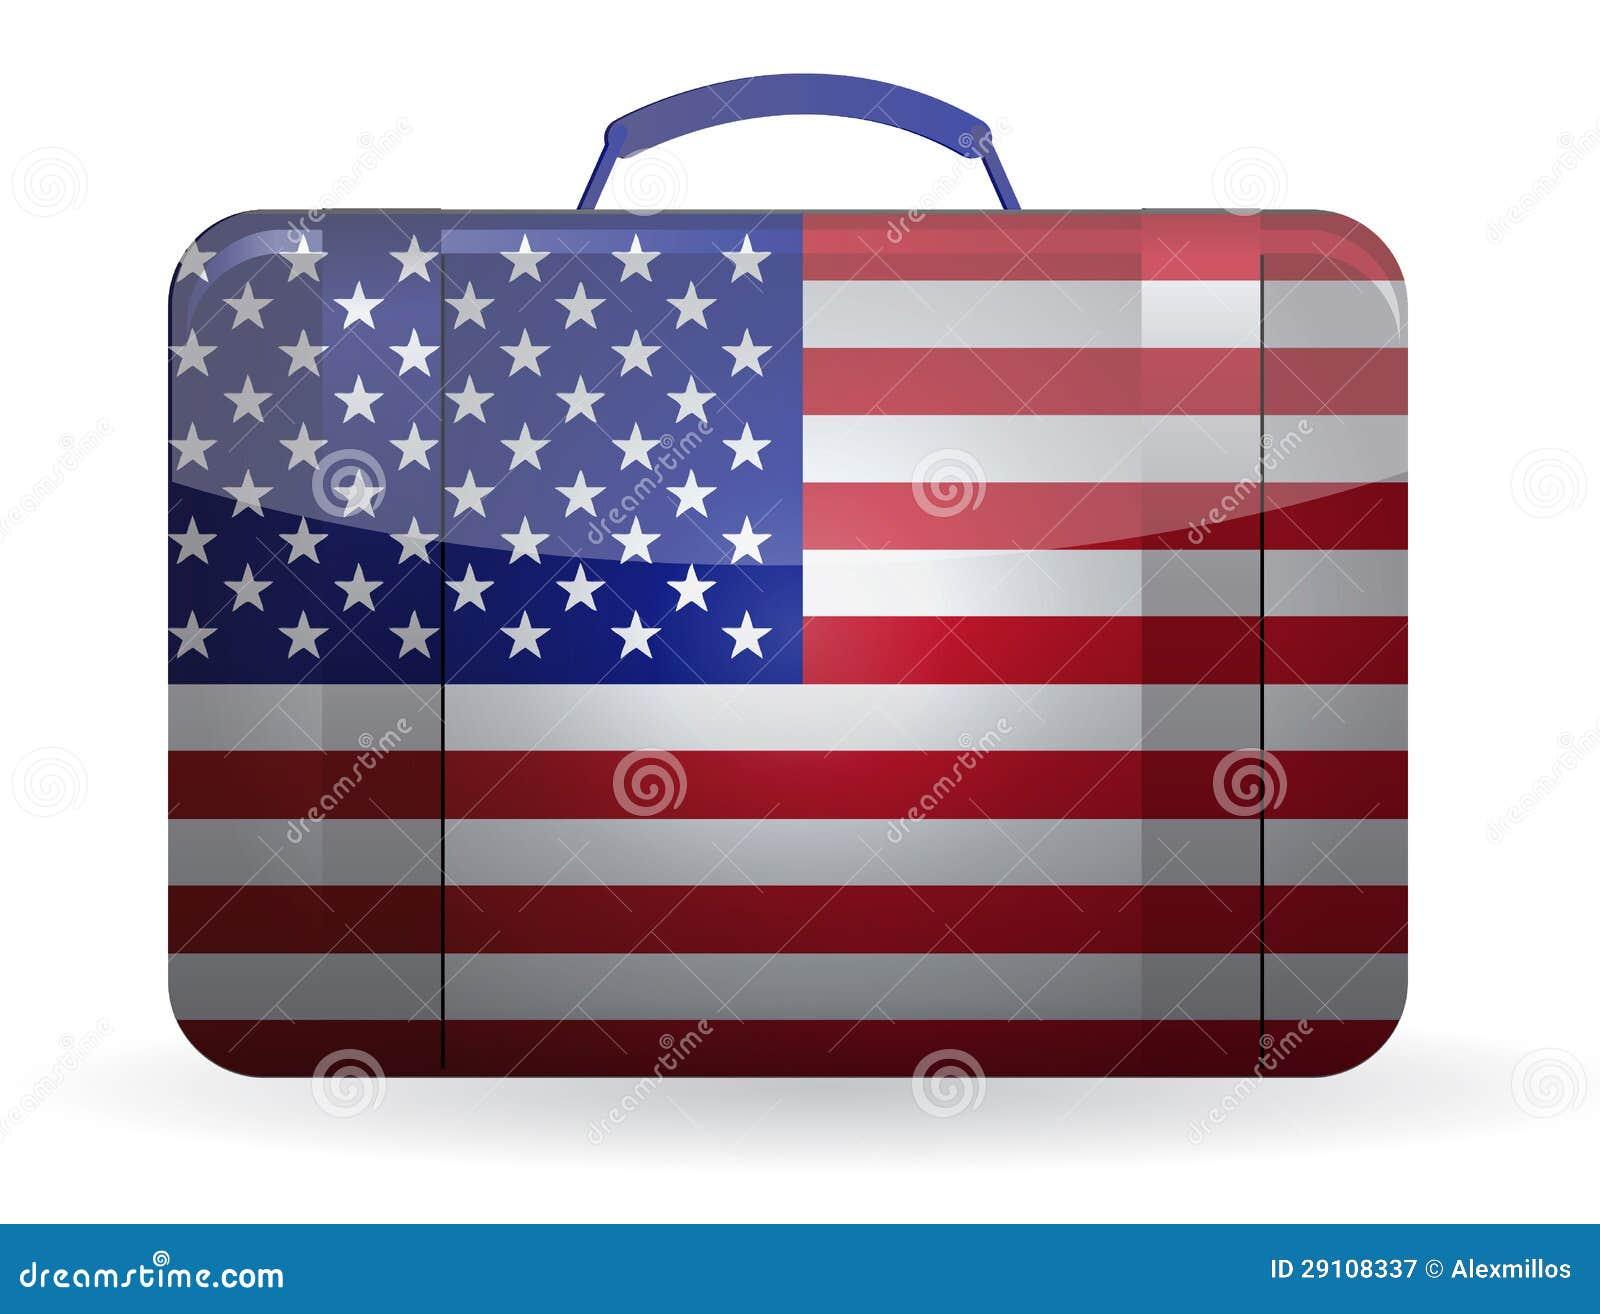 6602d5e2c622b8 Bandiera americana su una valigia per progettazione dell'illustrazione di  viaggio. Più illustrazioni stock simili